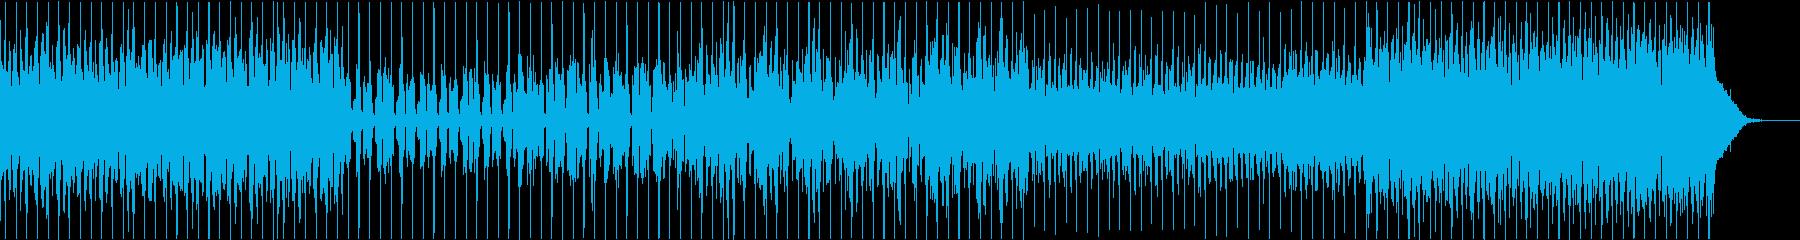 ノスタルジック ピアノ EDM ダブステの再生済みの波形